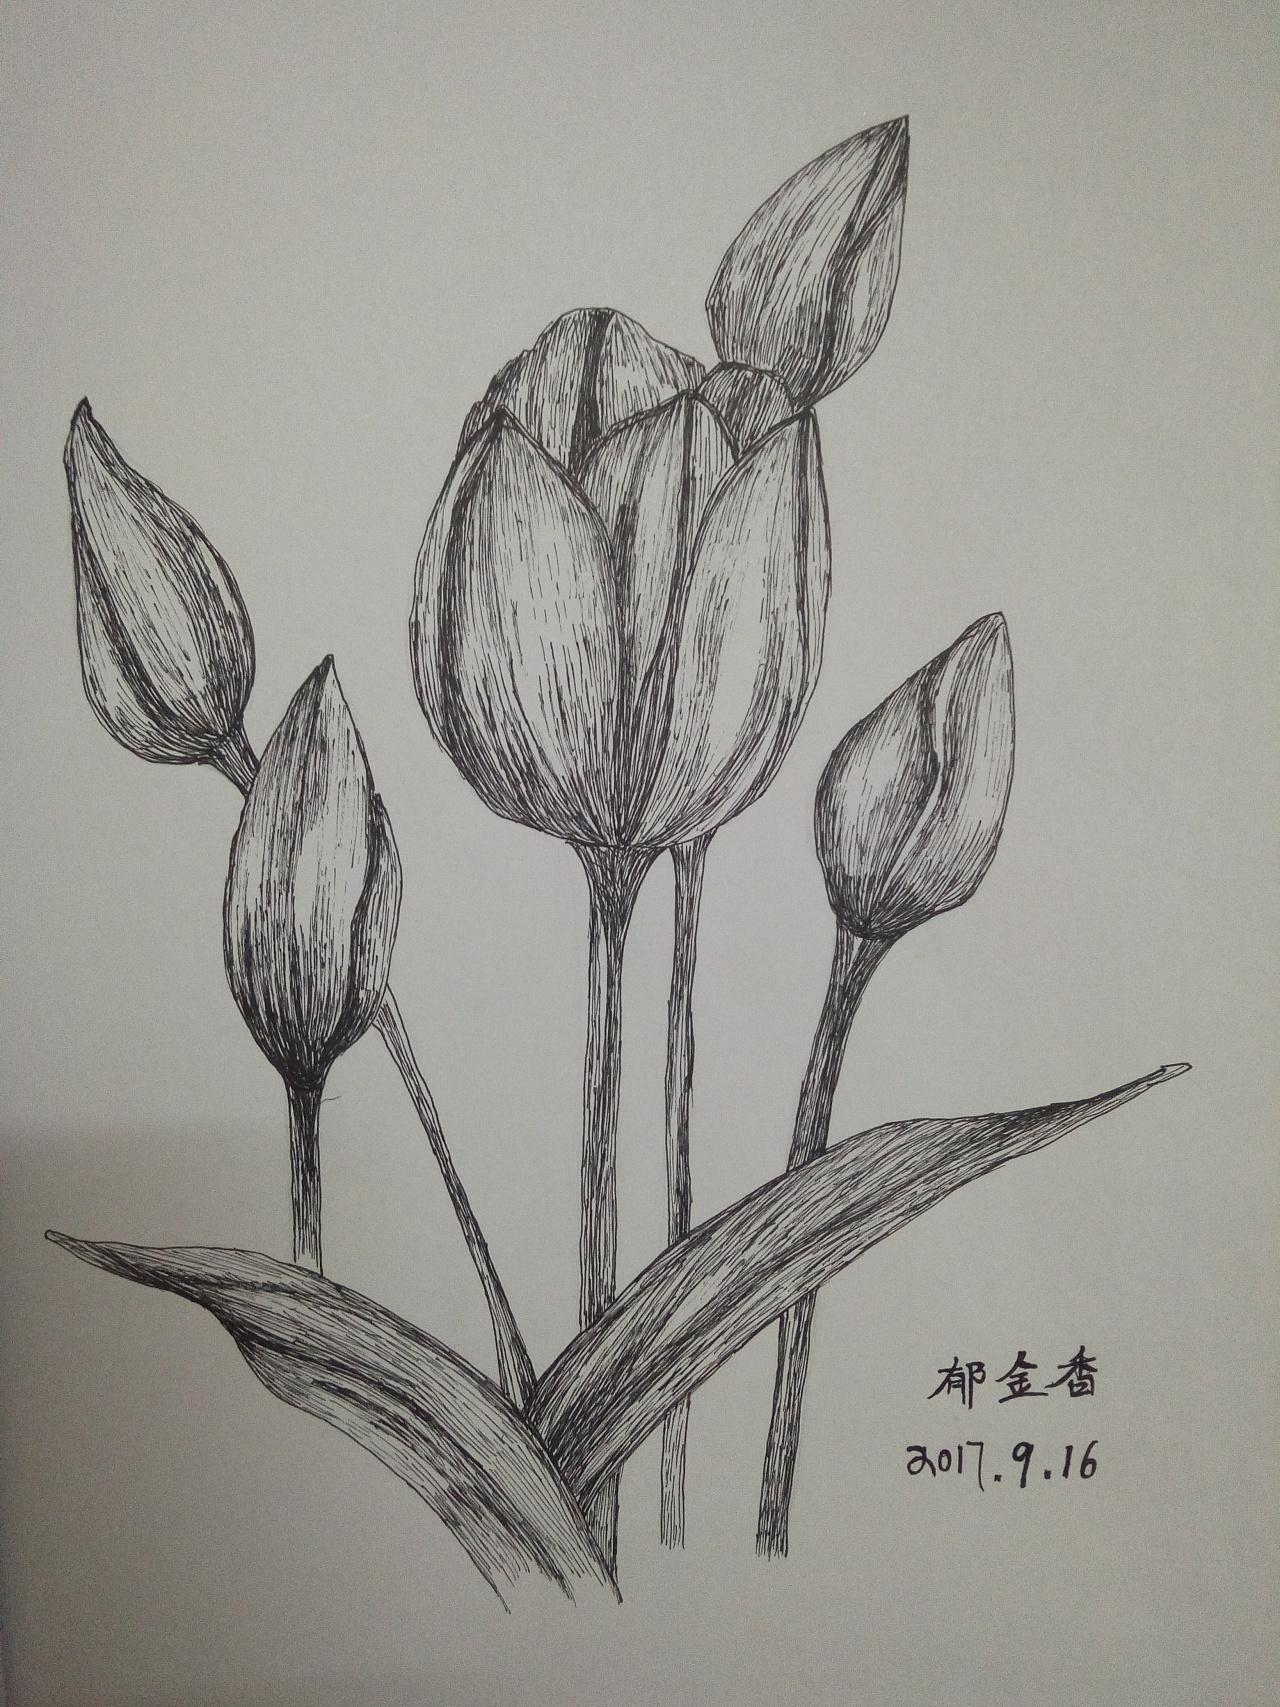 黑白画意图片